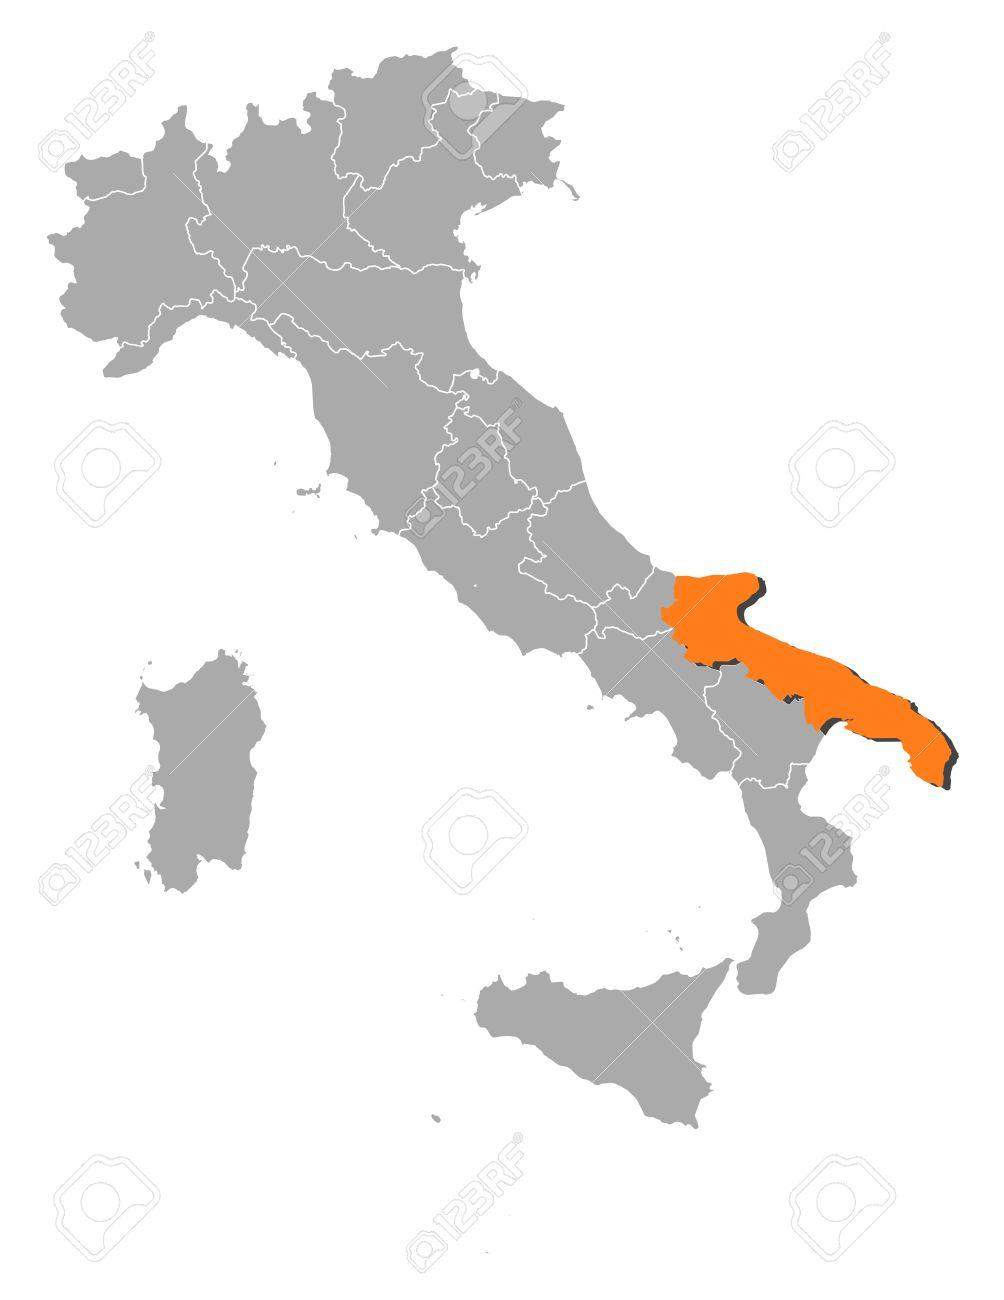 Cartina Italia Puglia.Vettoriale Mappa Politica D Italia Con Varie Regioni In Cui E Evidenziato Puglia Image 11256078